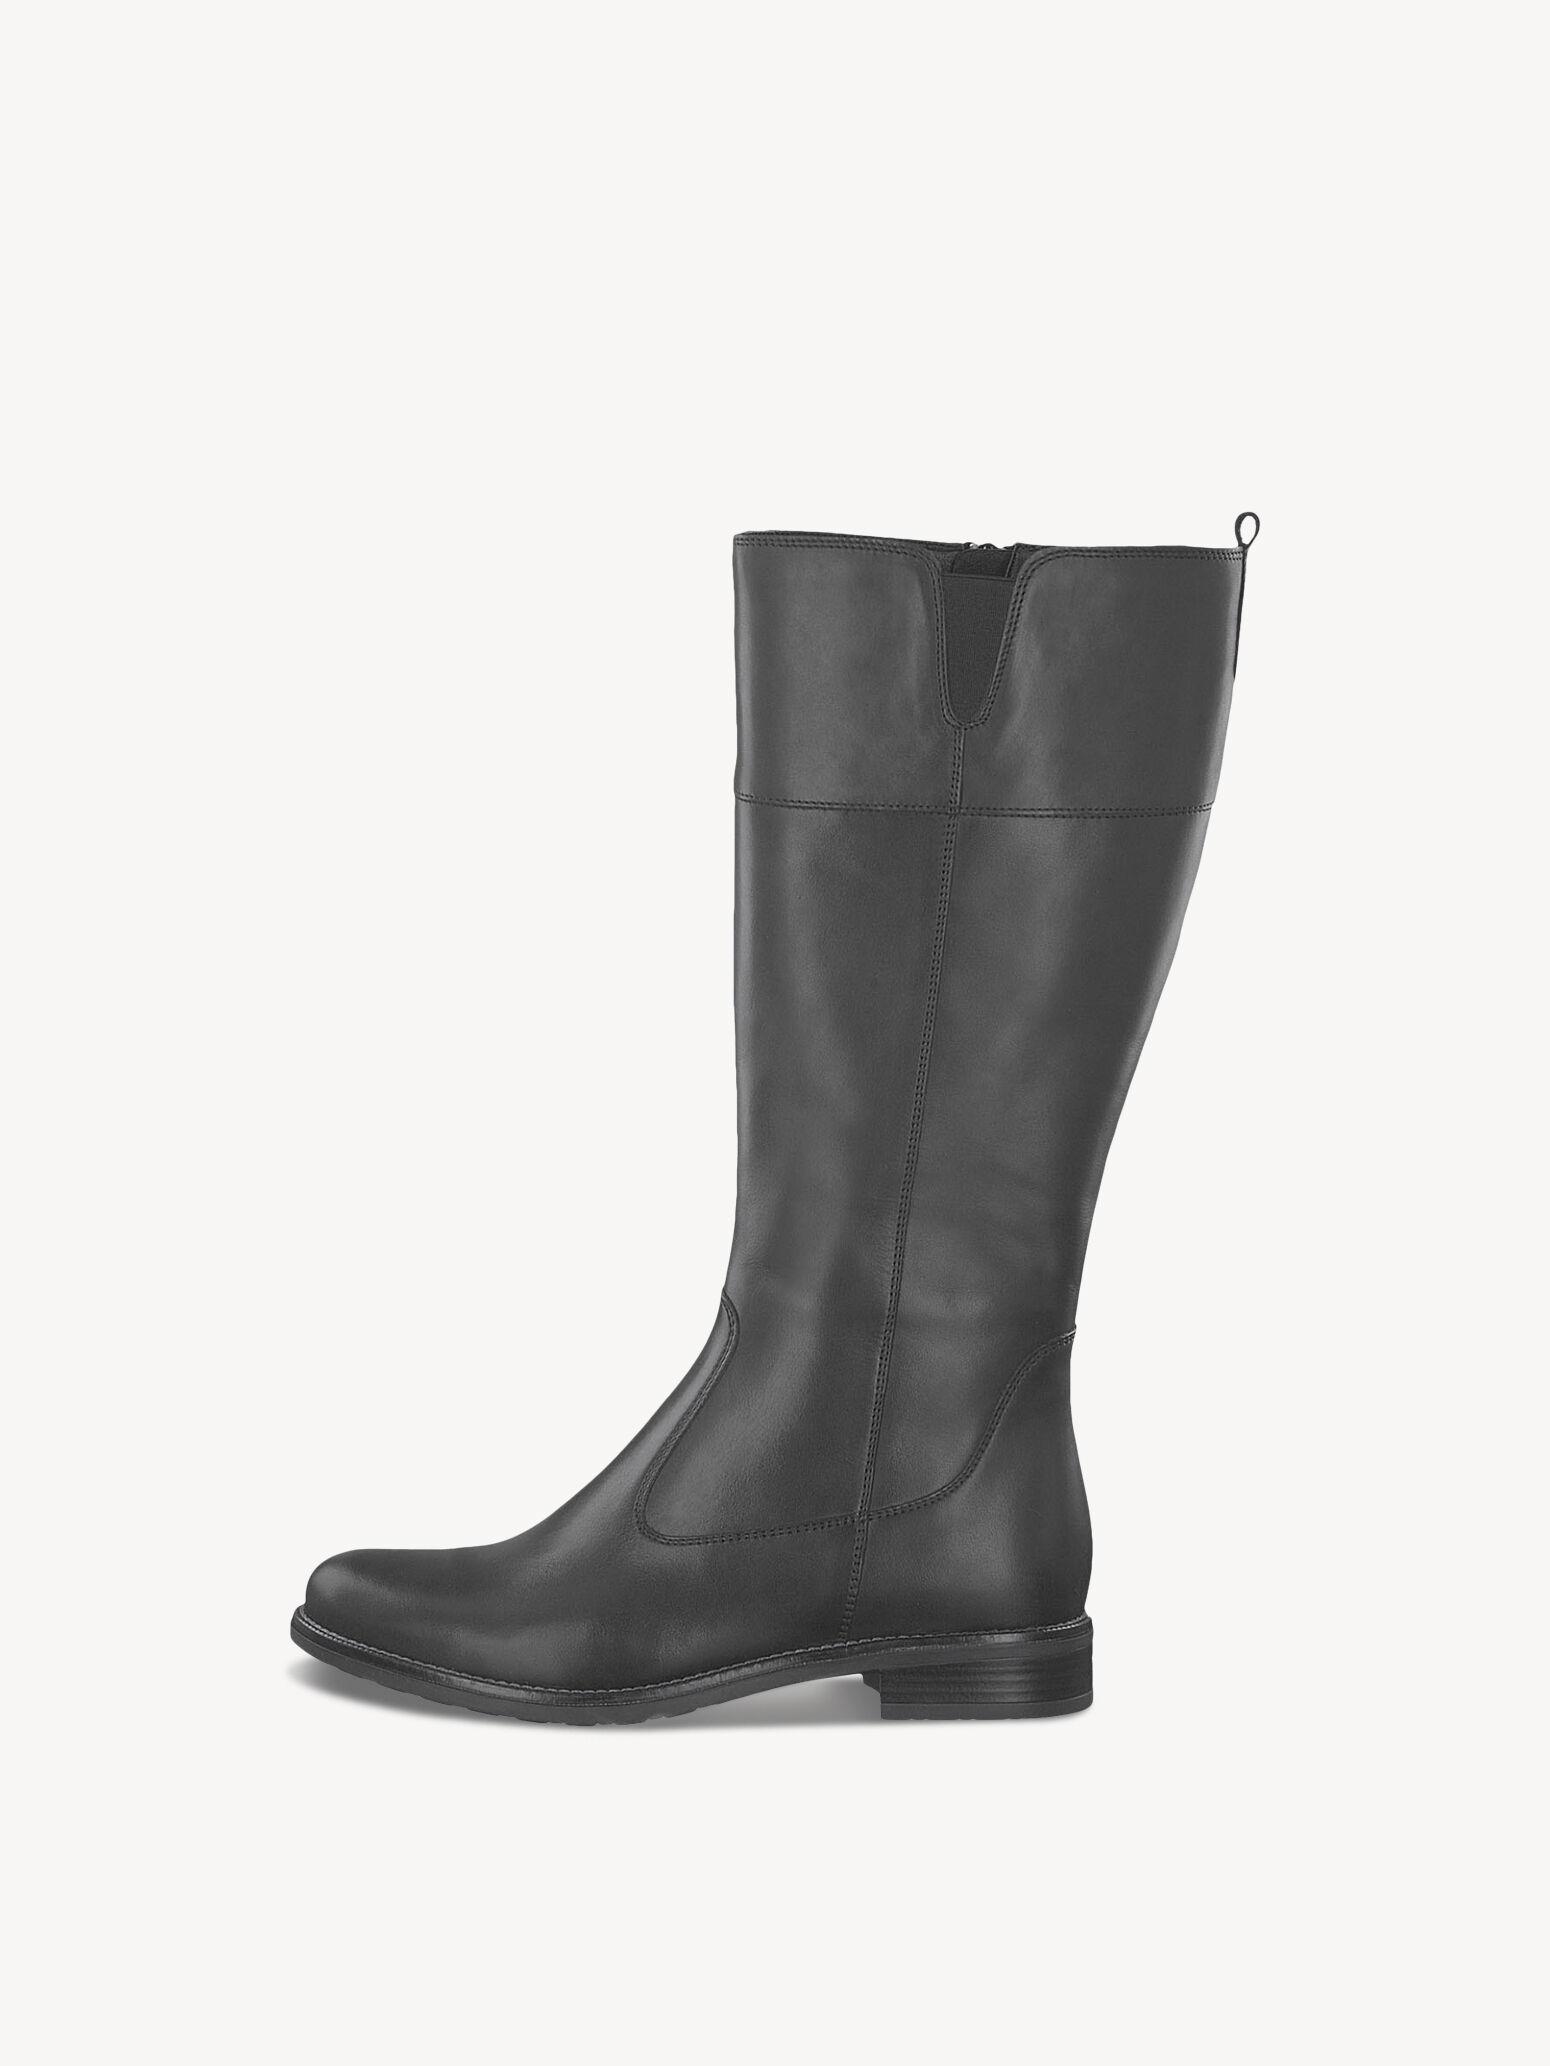 Tamaris Stiefel 35cm chwarz 40 Leder 3cm Absatz WIE NEU